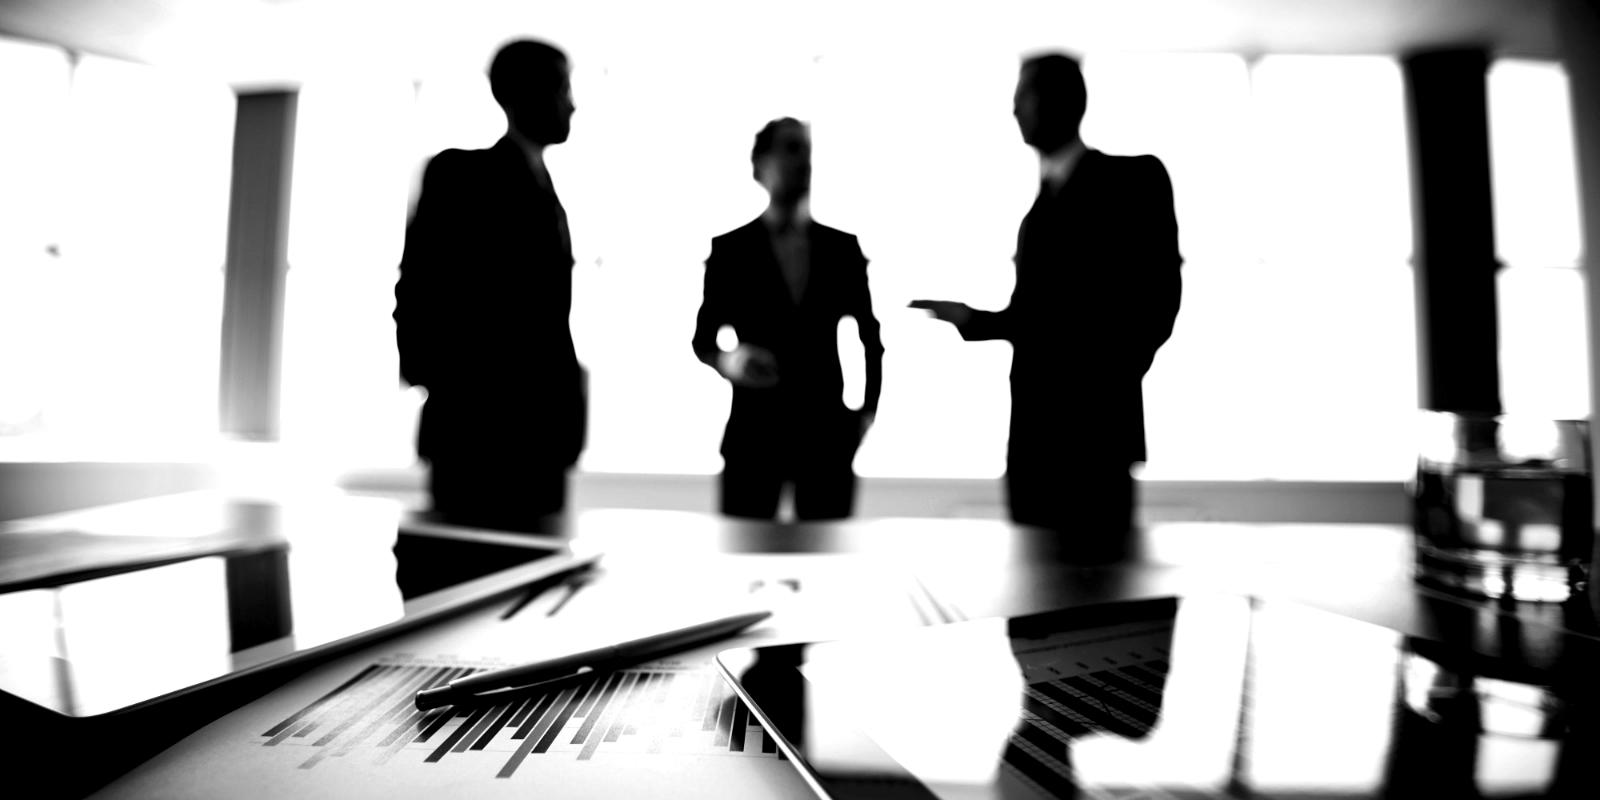 Insolvenční řízení – bič na věřitele?